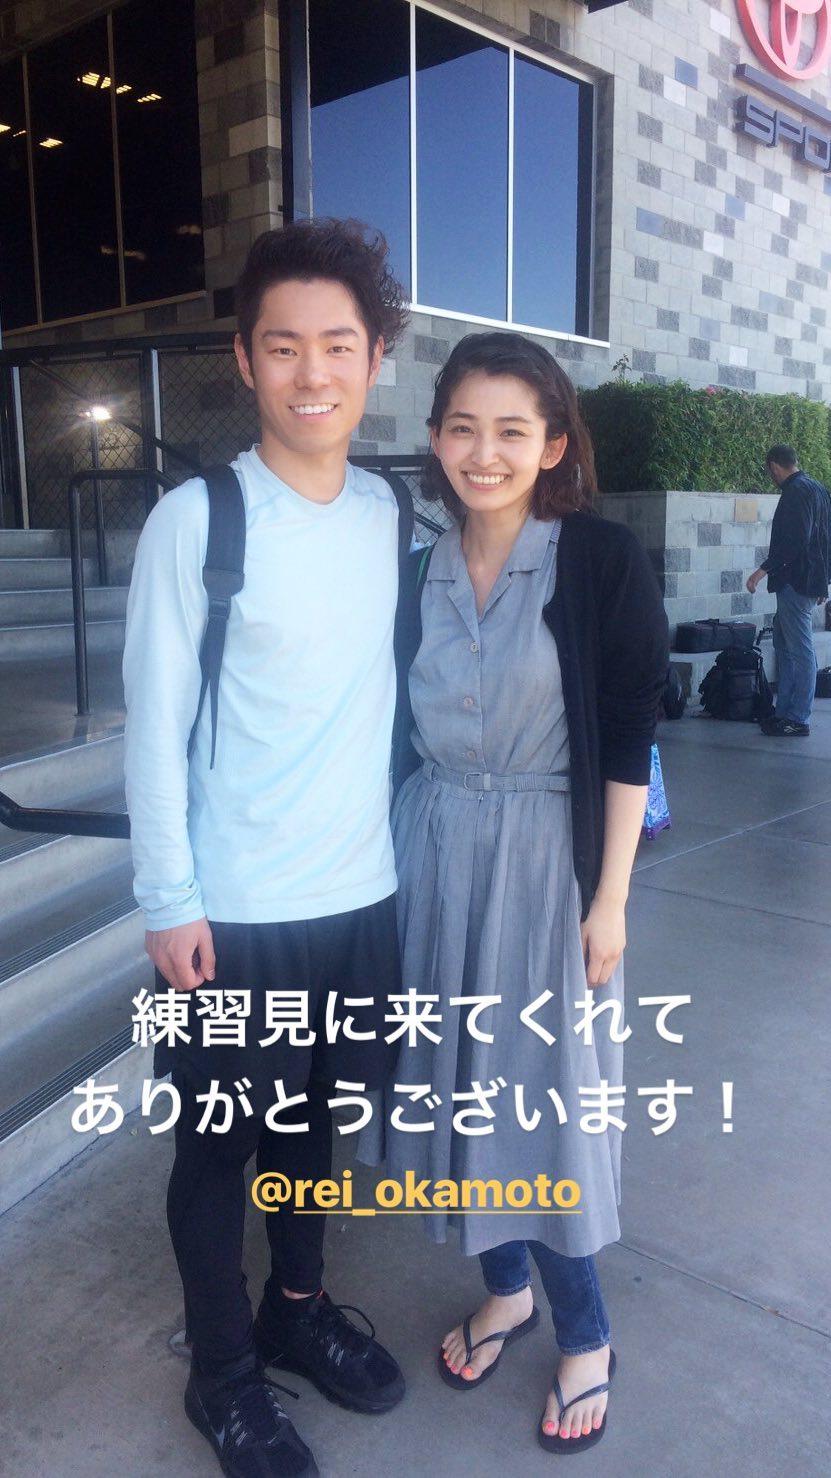 女優の岡本玲が村上大介選手の練習現場に駆け付け仲良くツーショット